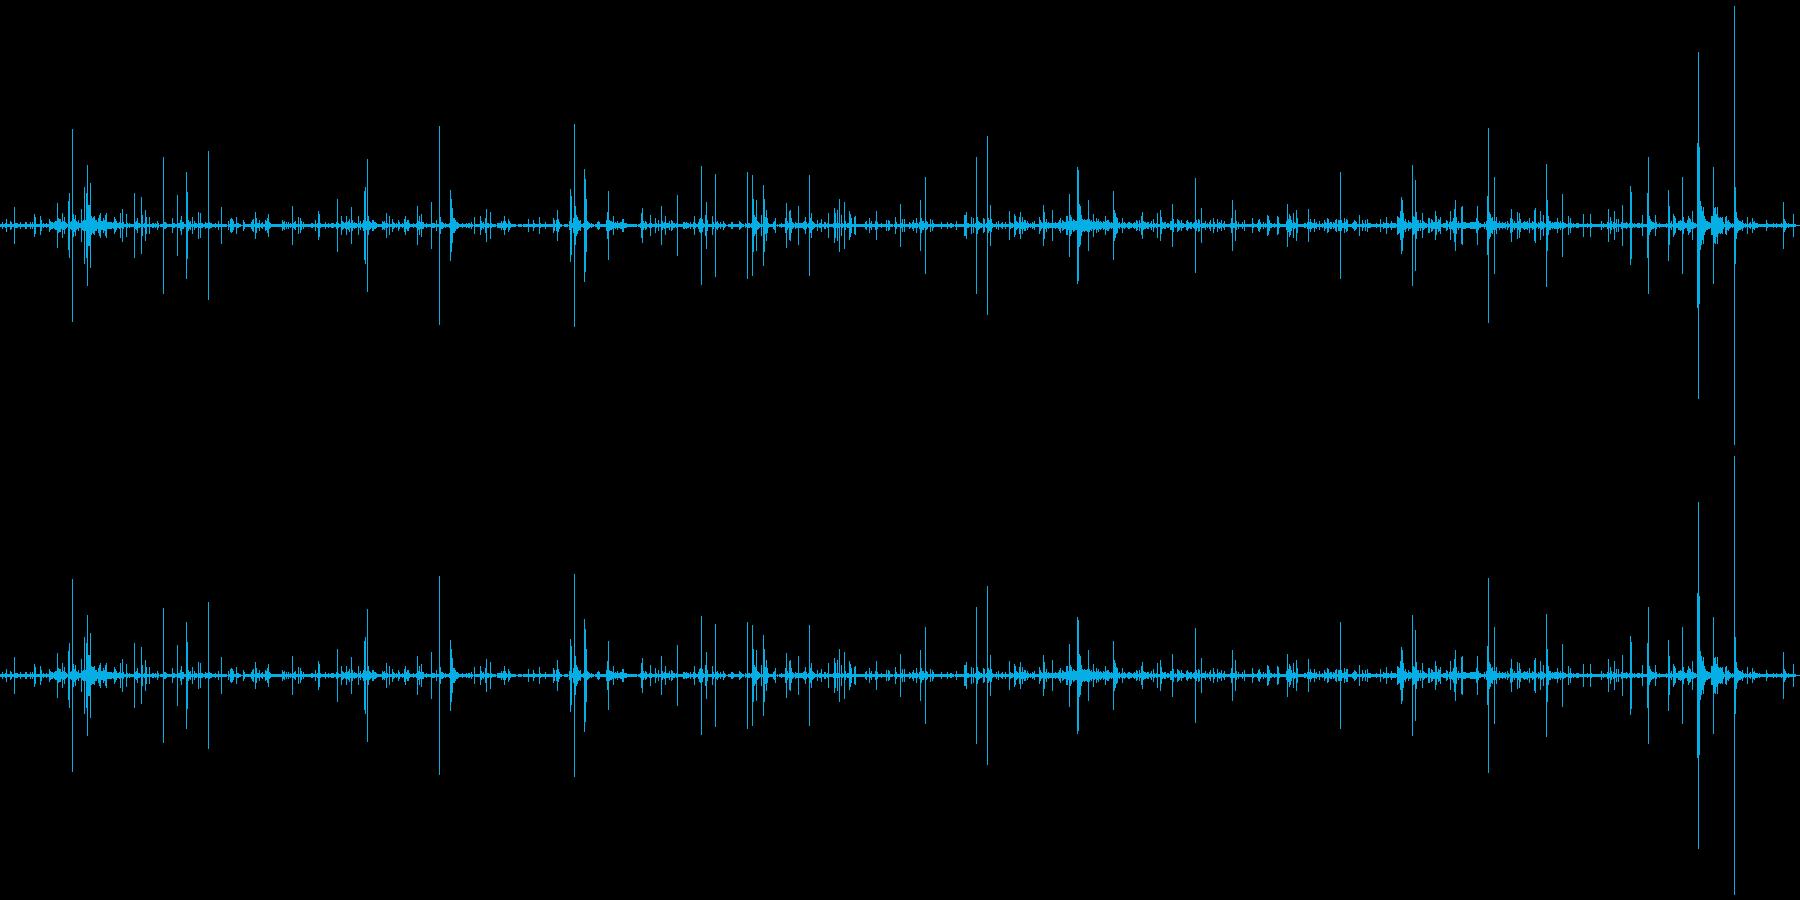 ループ・ネバネバしたものがうごめく音1の再生済みの波形